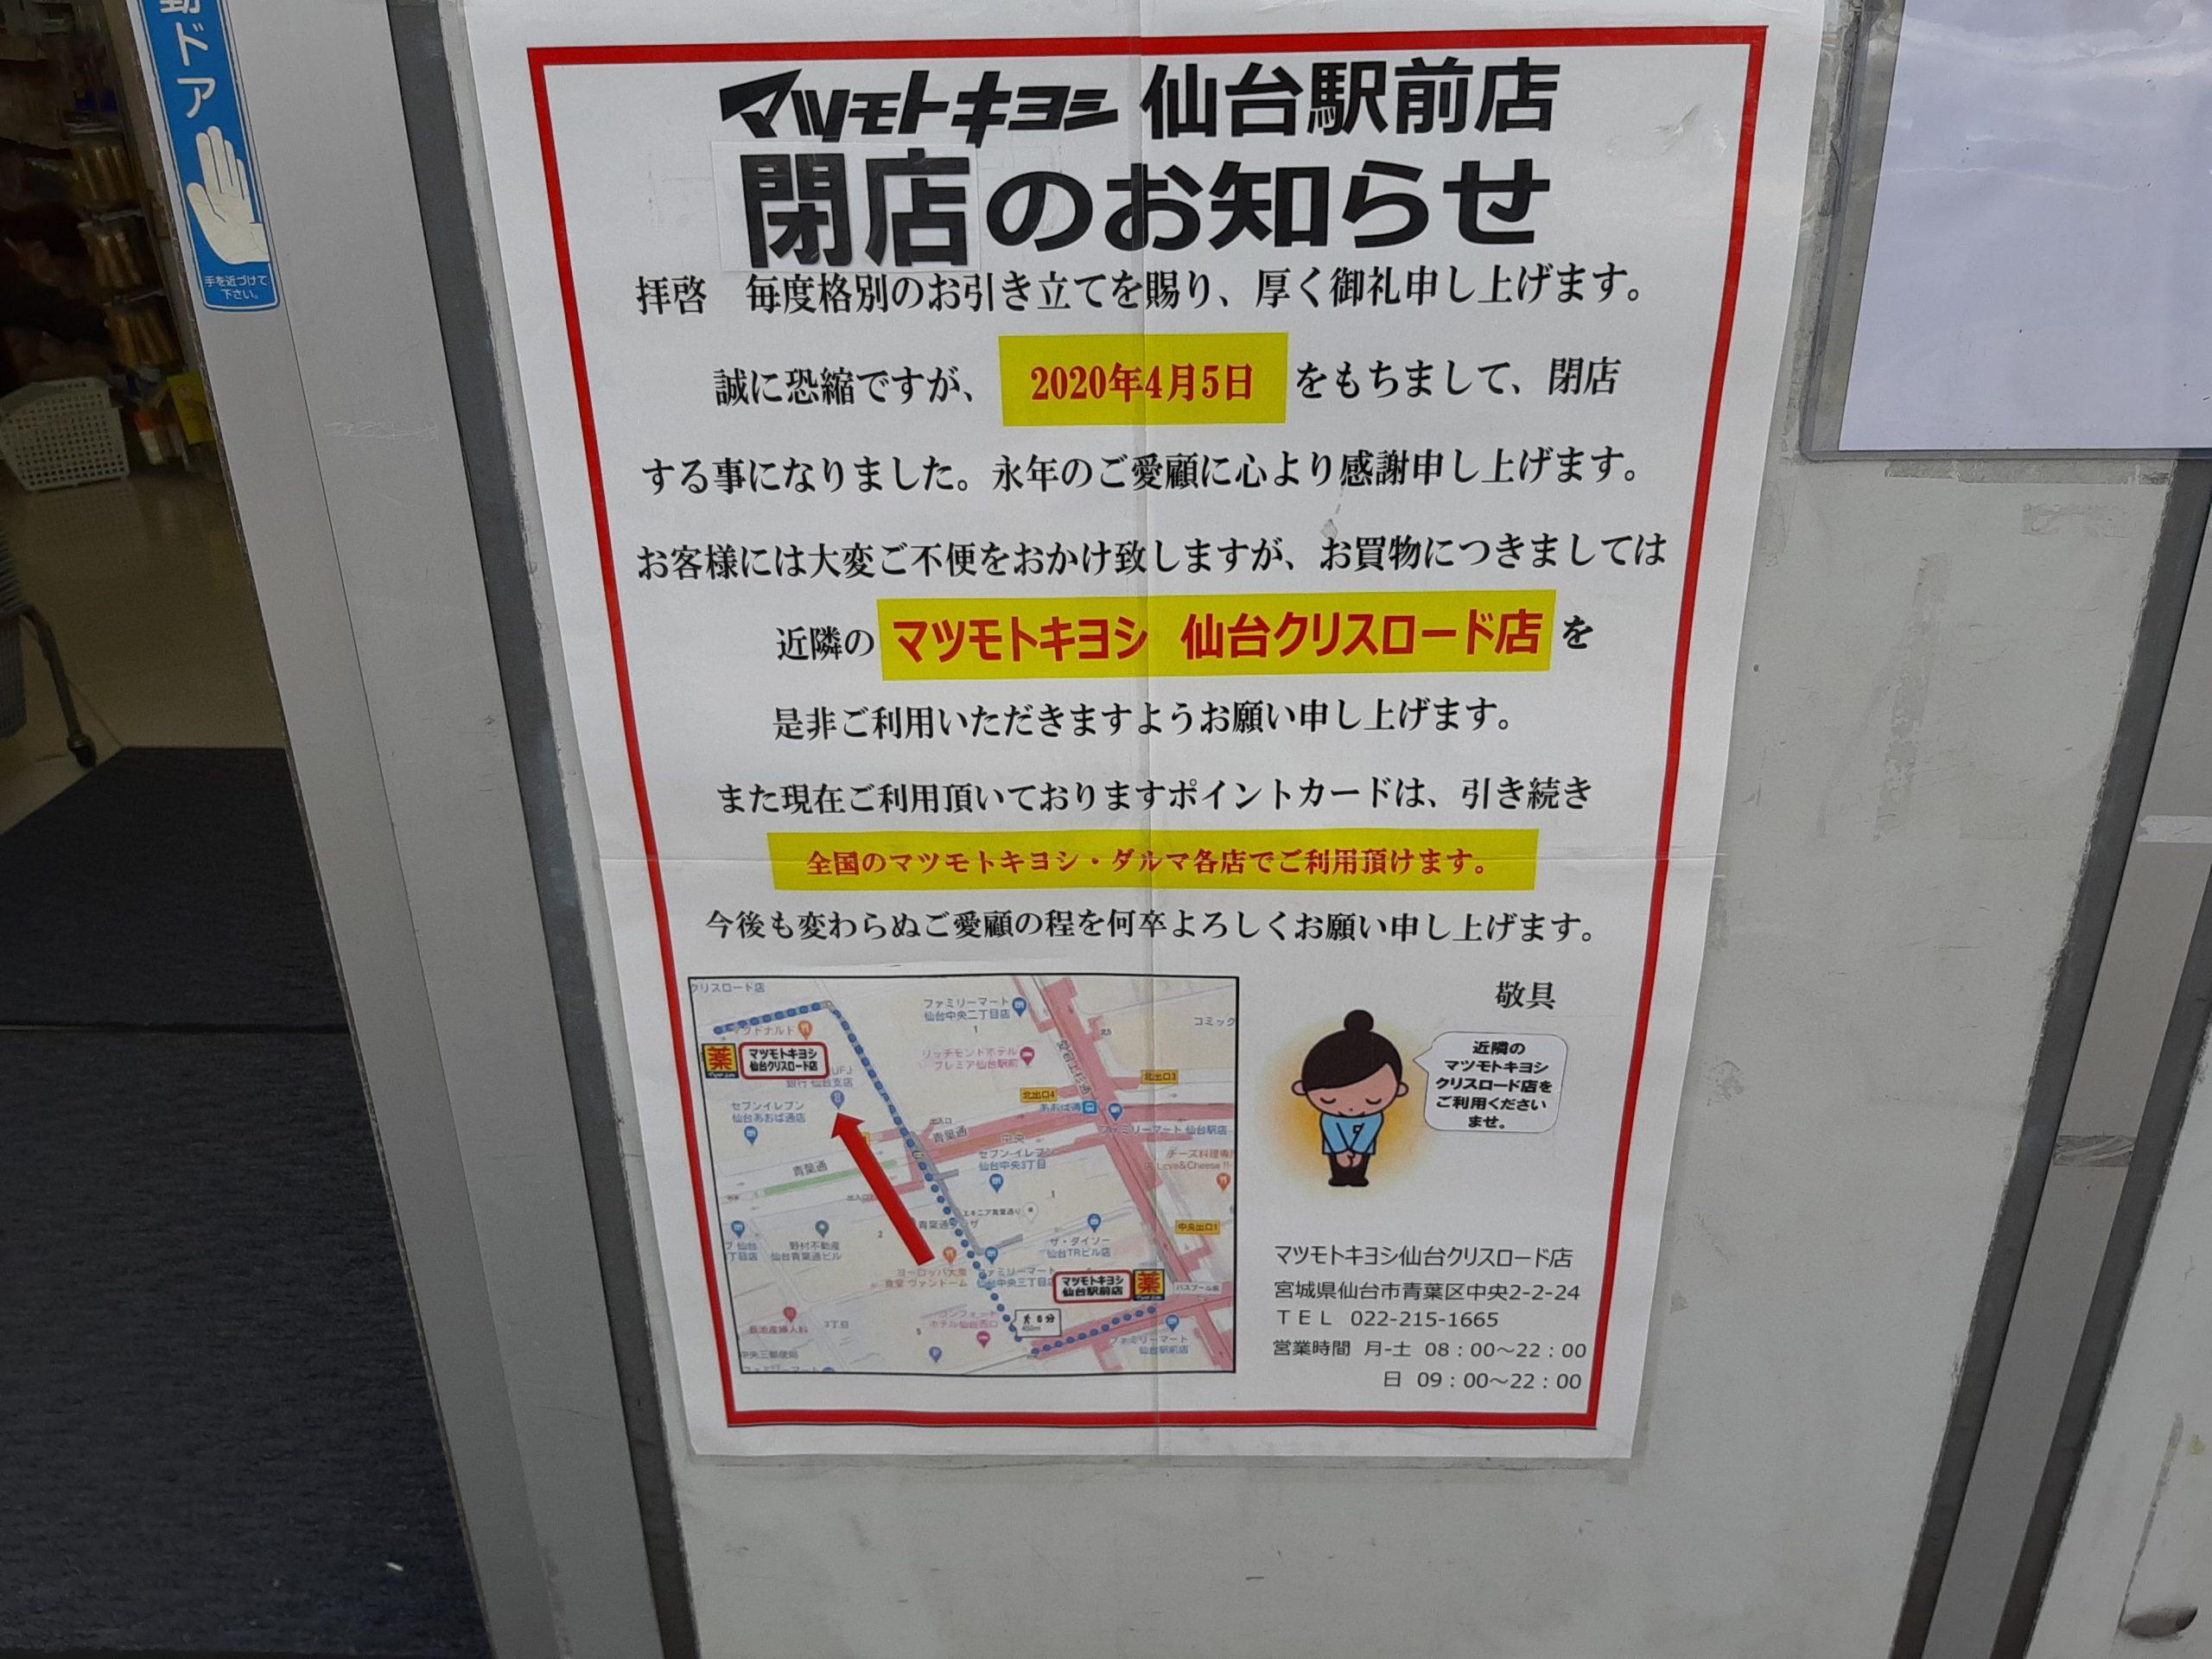 閉店セール中!マツモトキヨシ仙台駅前店が4/5閉店決定!